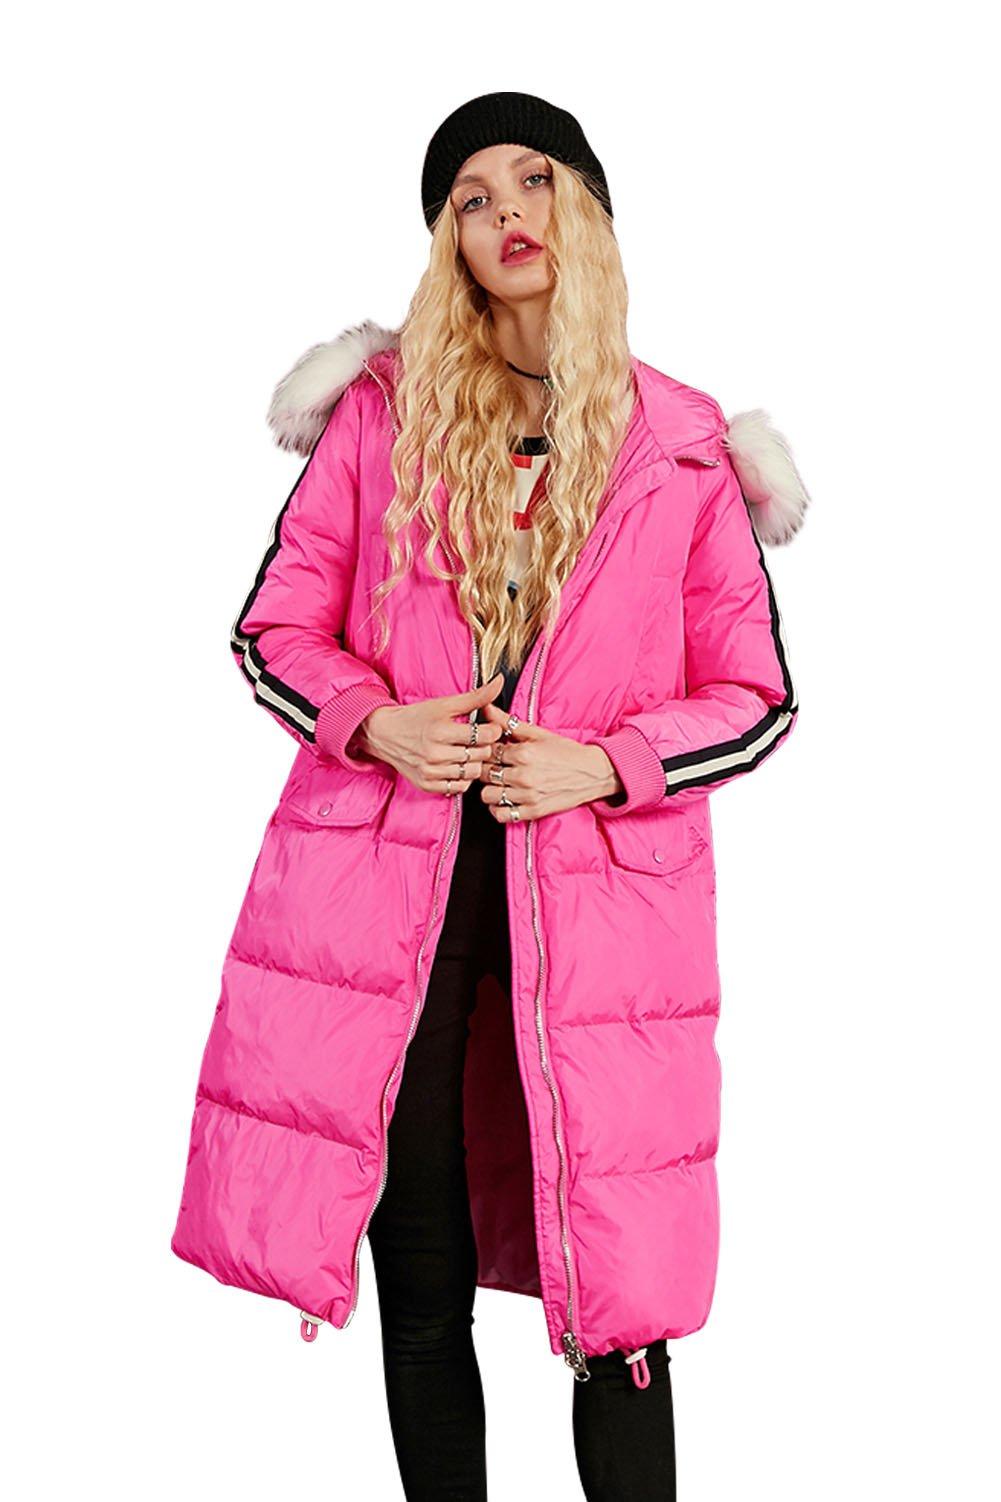 Elf Sack Women's Winter Down Jacket Coat with Detachable Hood